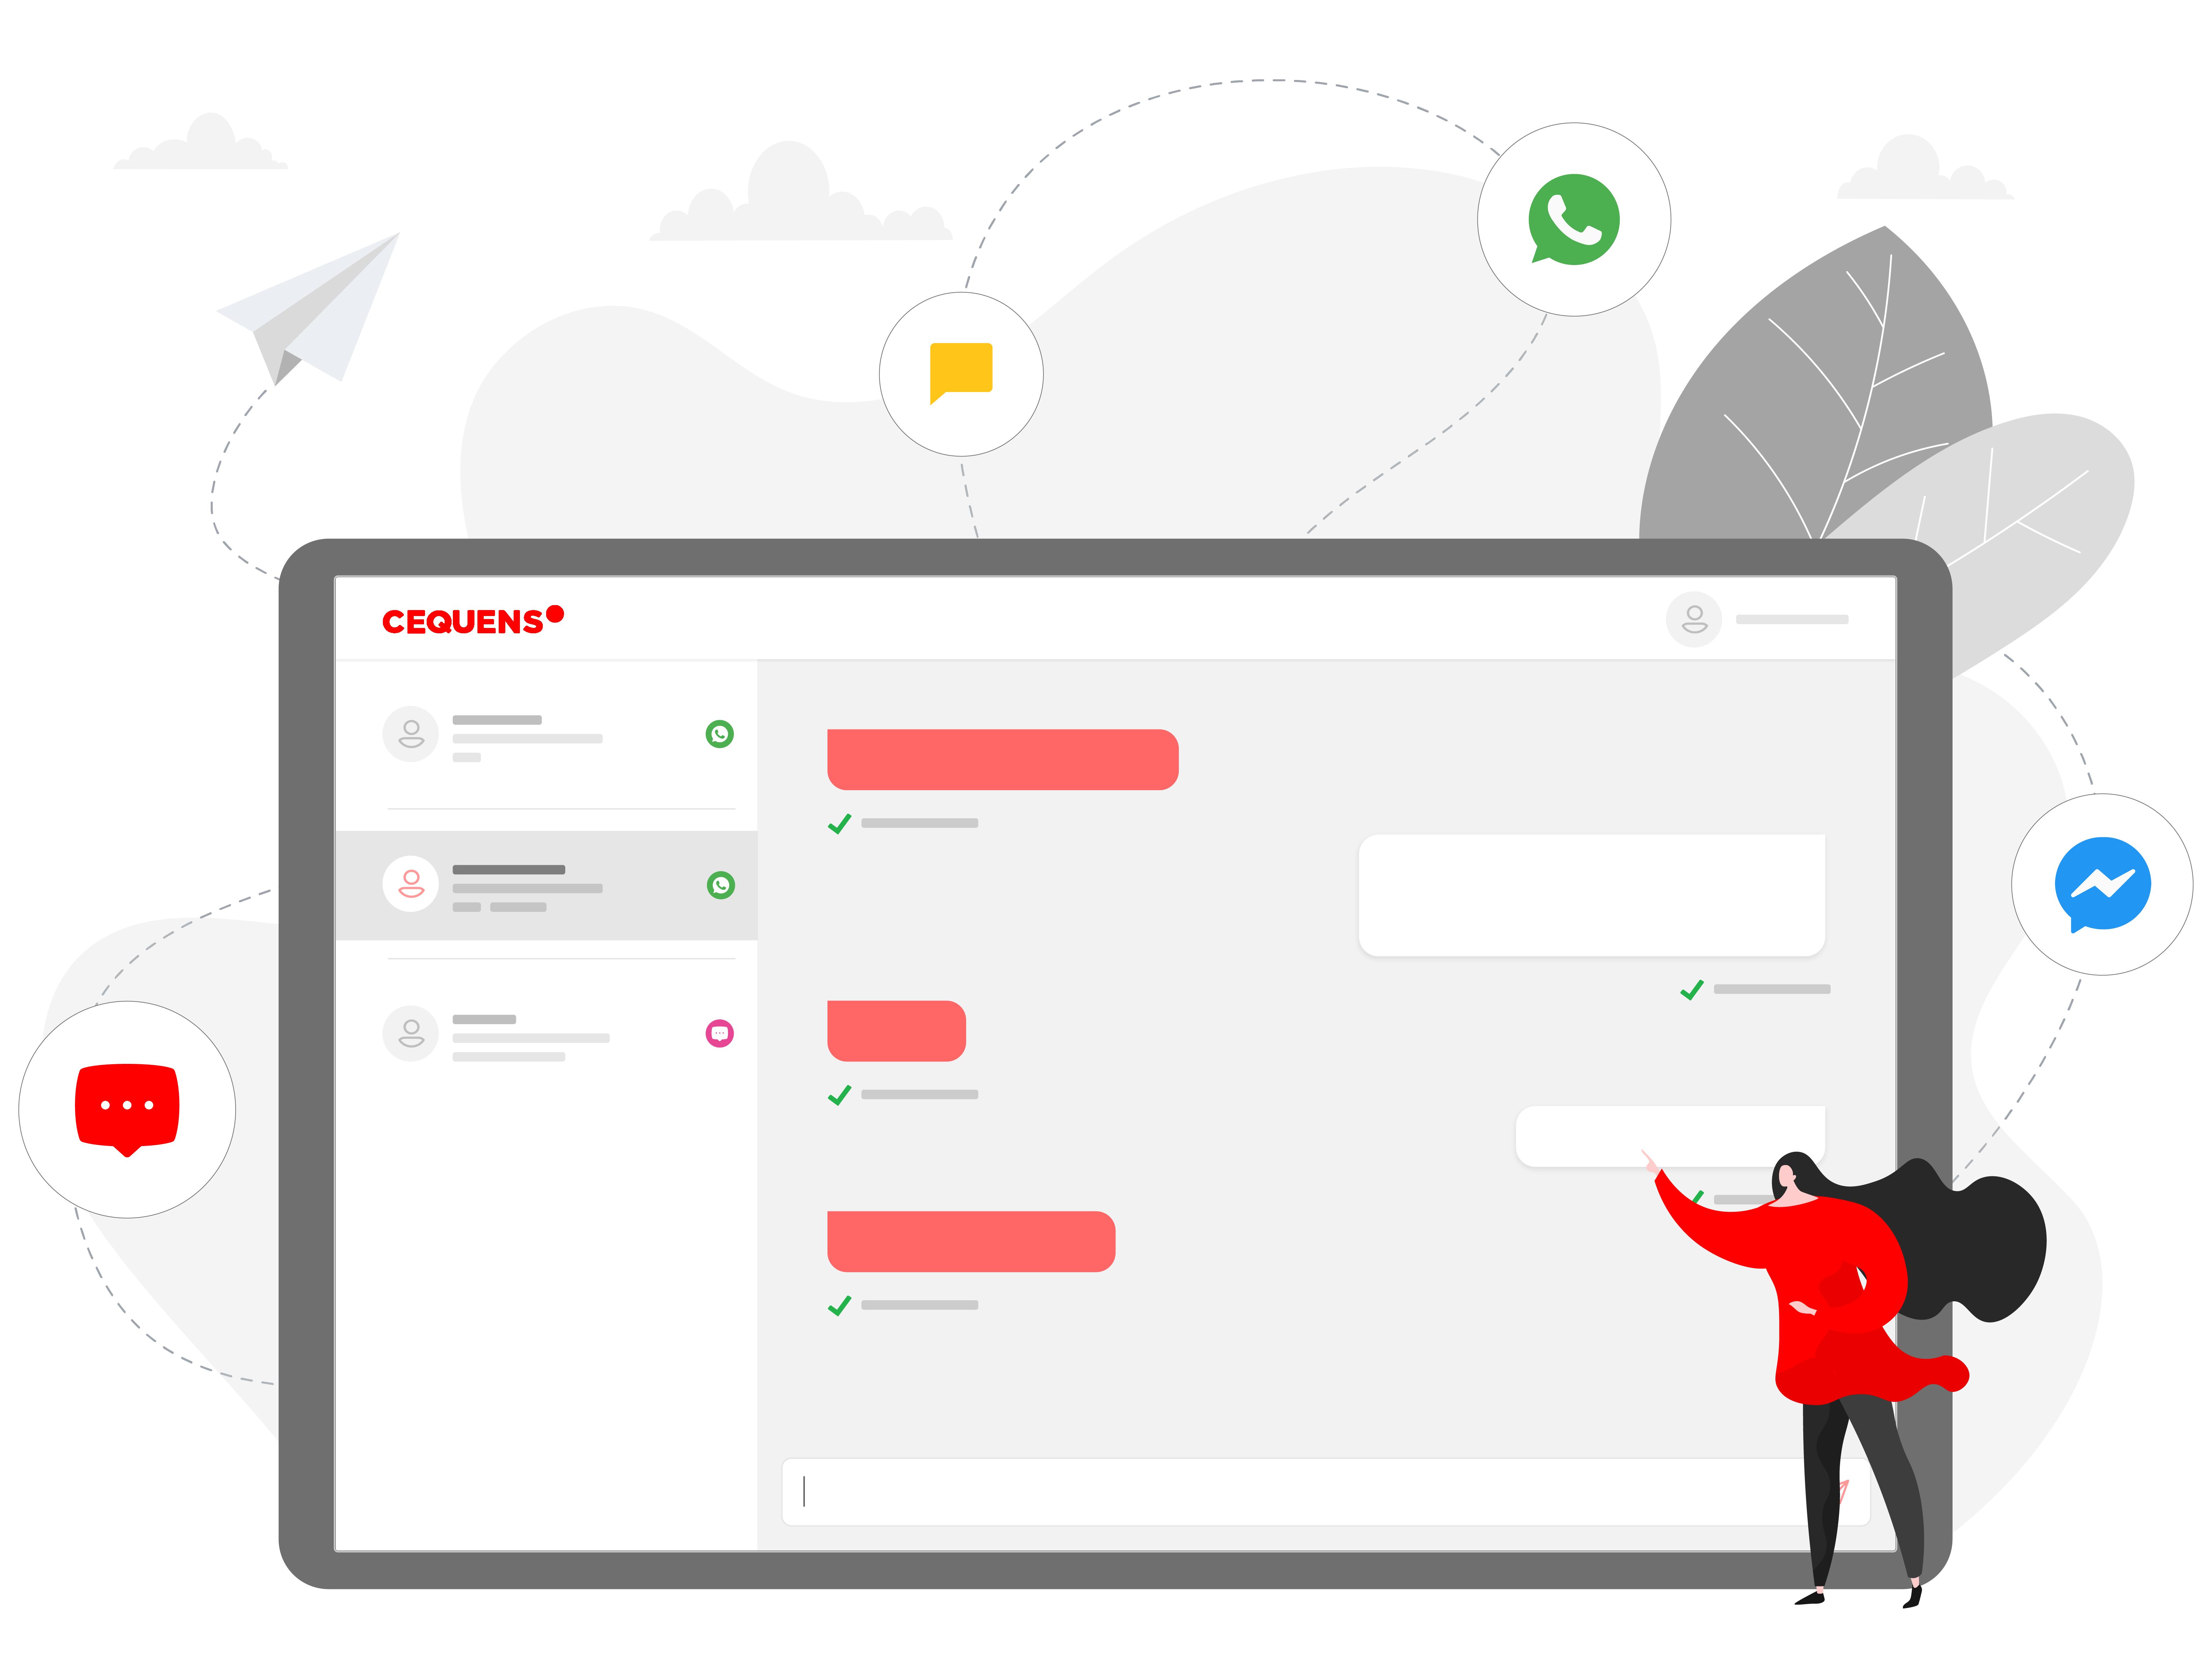 CEQUENS Chat conversational platform